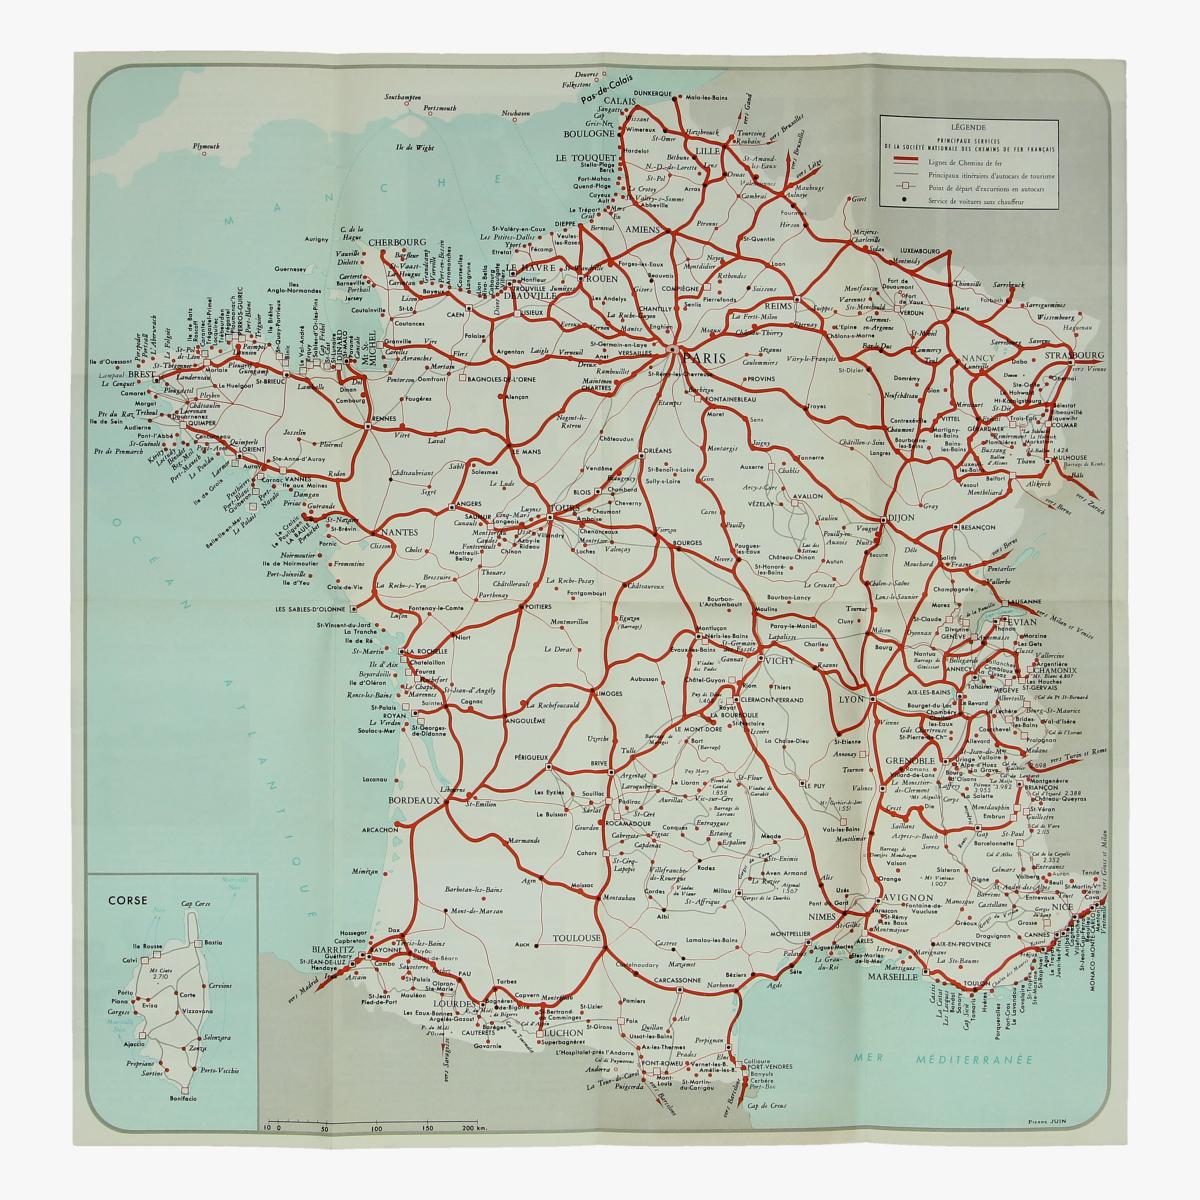 Afbeeldingen van expo  58 folder pour votre voyage en frande société nationale des chemins de fer français